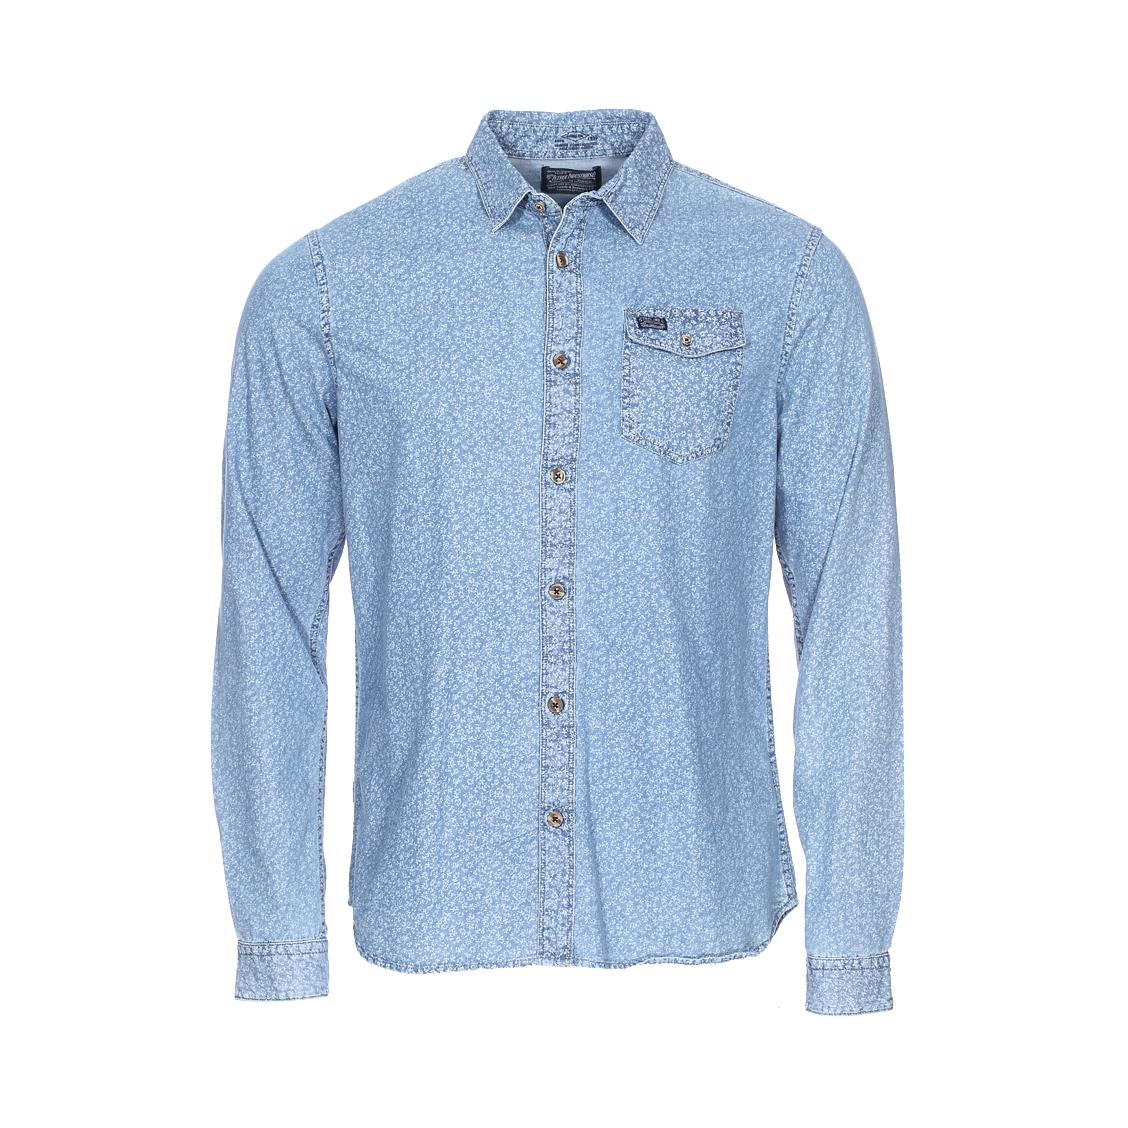 Chemise ajustée  en coton bleu indigo clair à motifs fleurs blanches